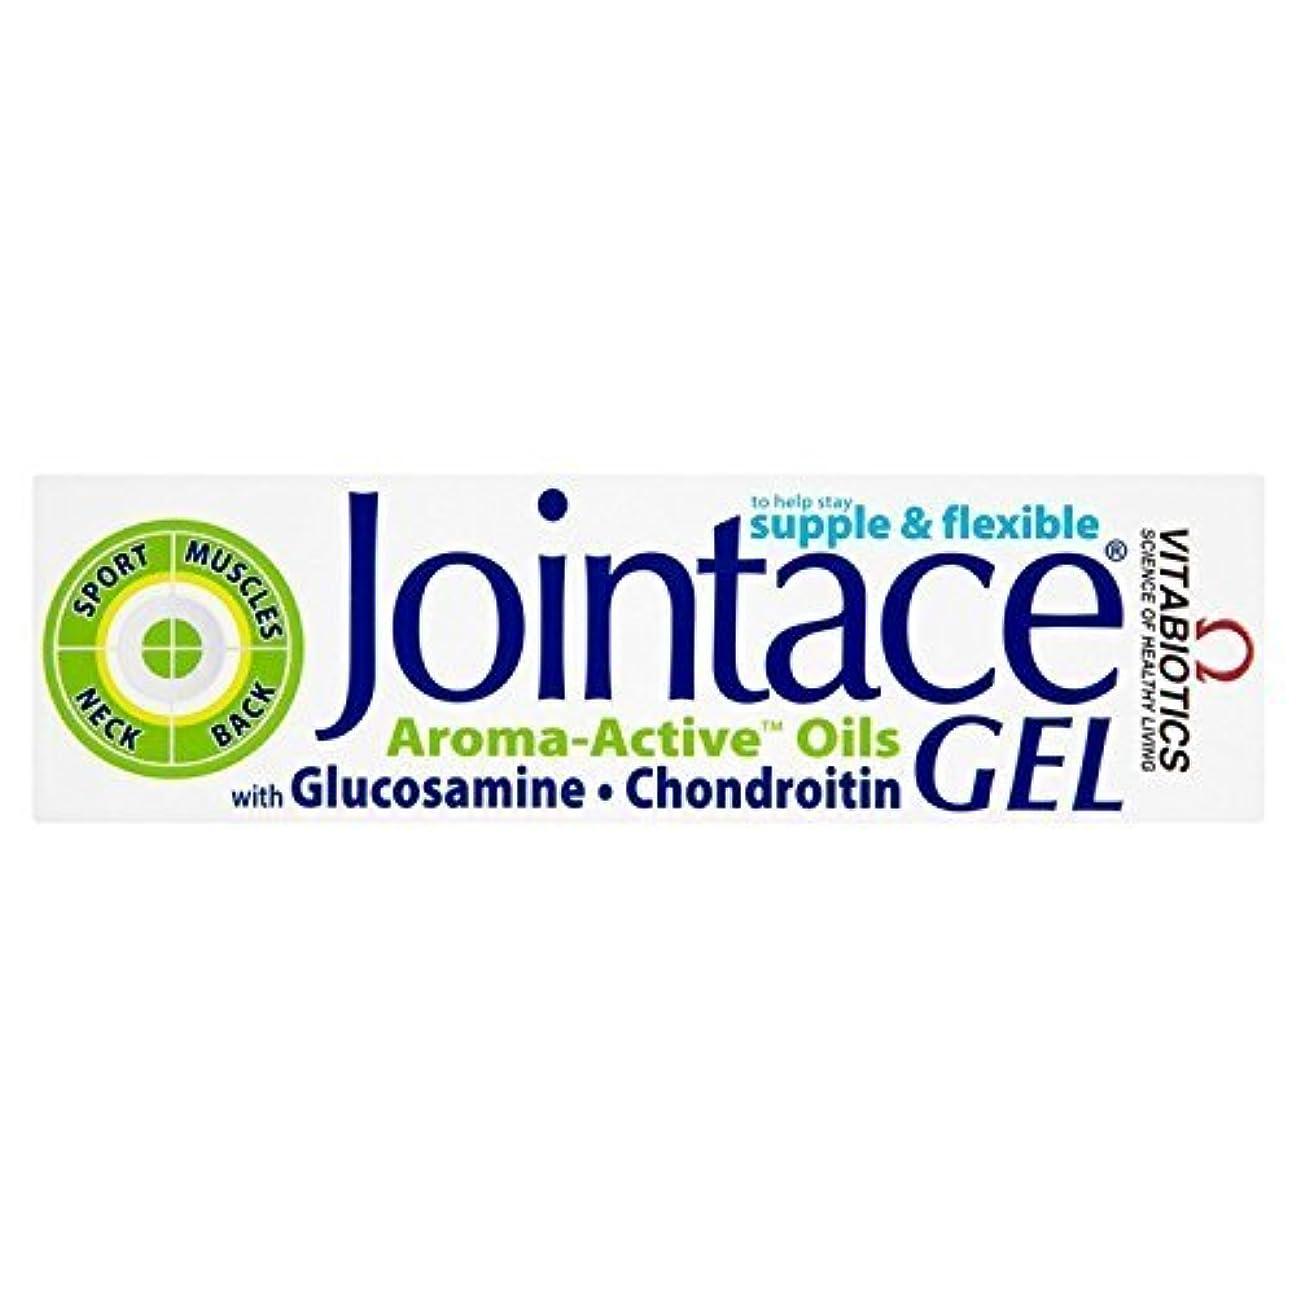 ましい巻き戻す微弱Vitabiotics Jointace Aromatic Massage Gel - 75ml (To Help stay supple & flexible) by Vitabiotics [並行輸入品]